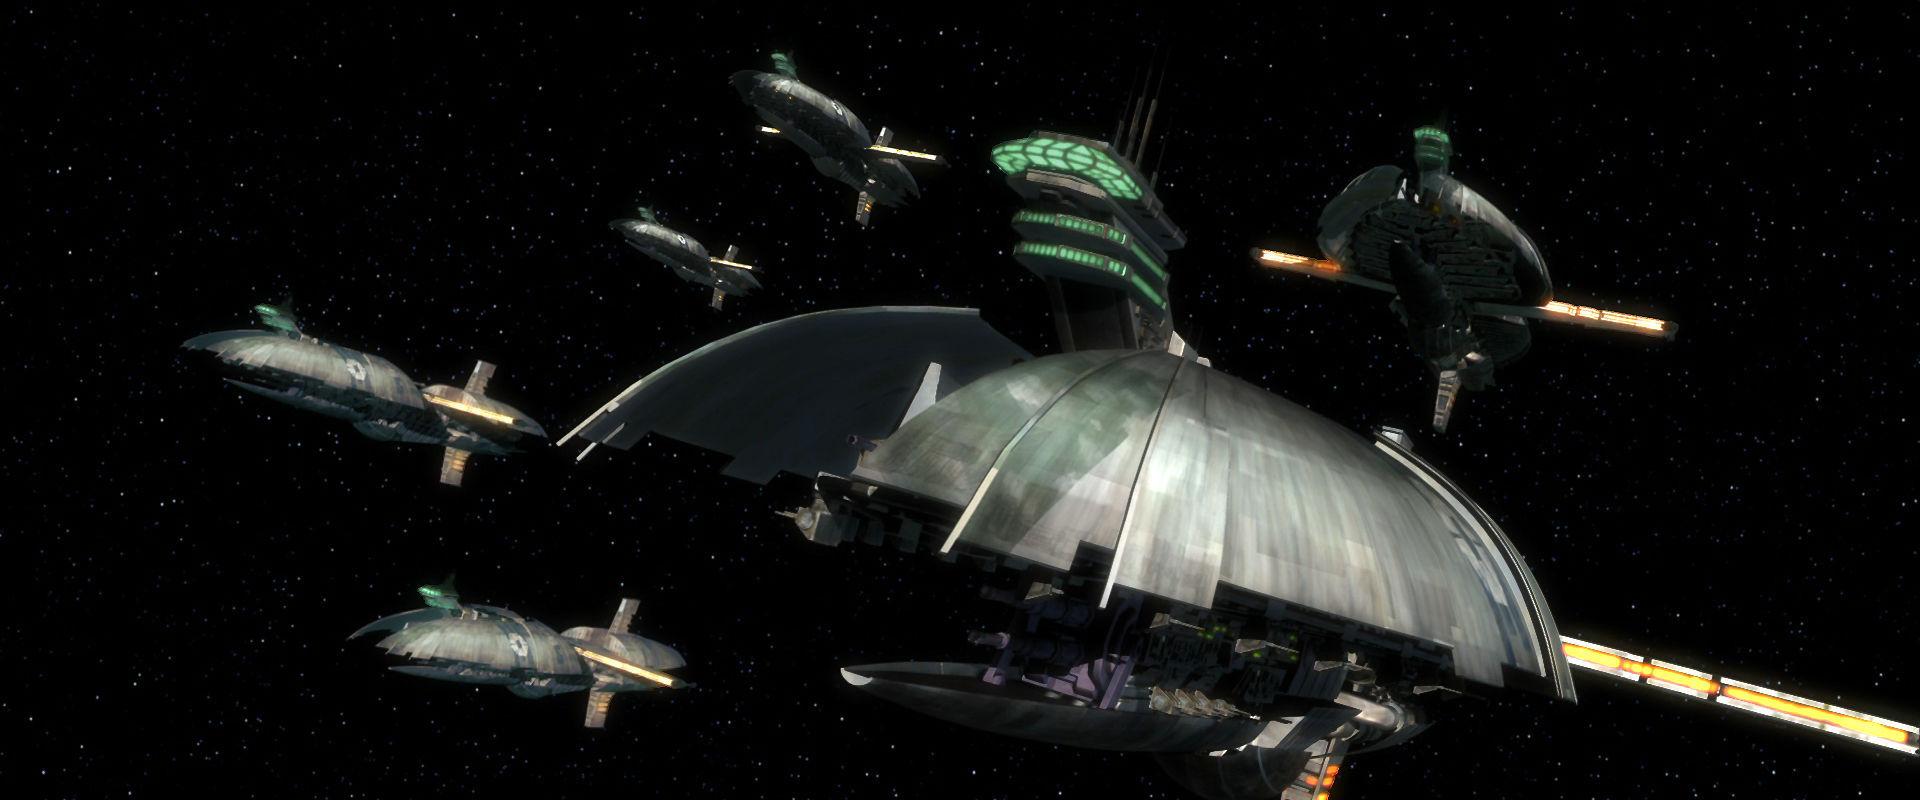 ¿Cuál de estas naves no forma parte de la flota de la Confederación de Sistemas Independientes?